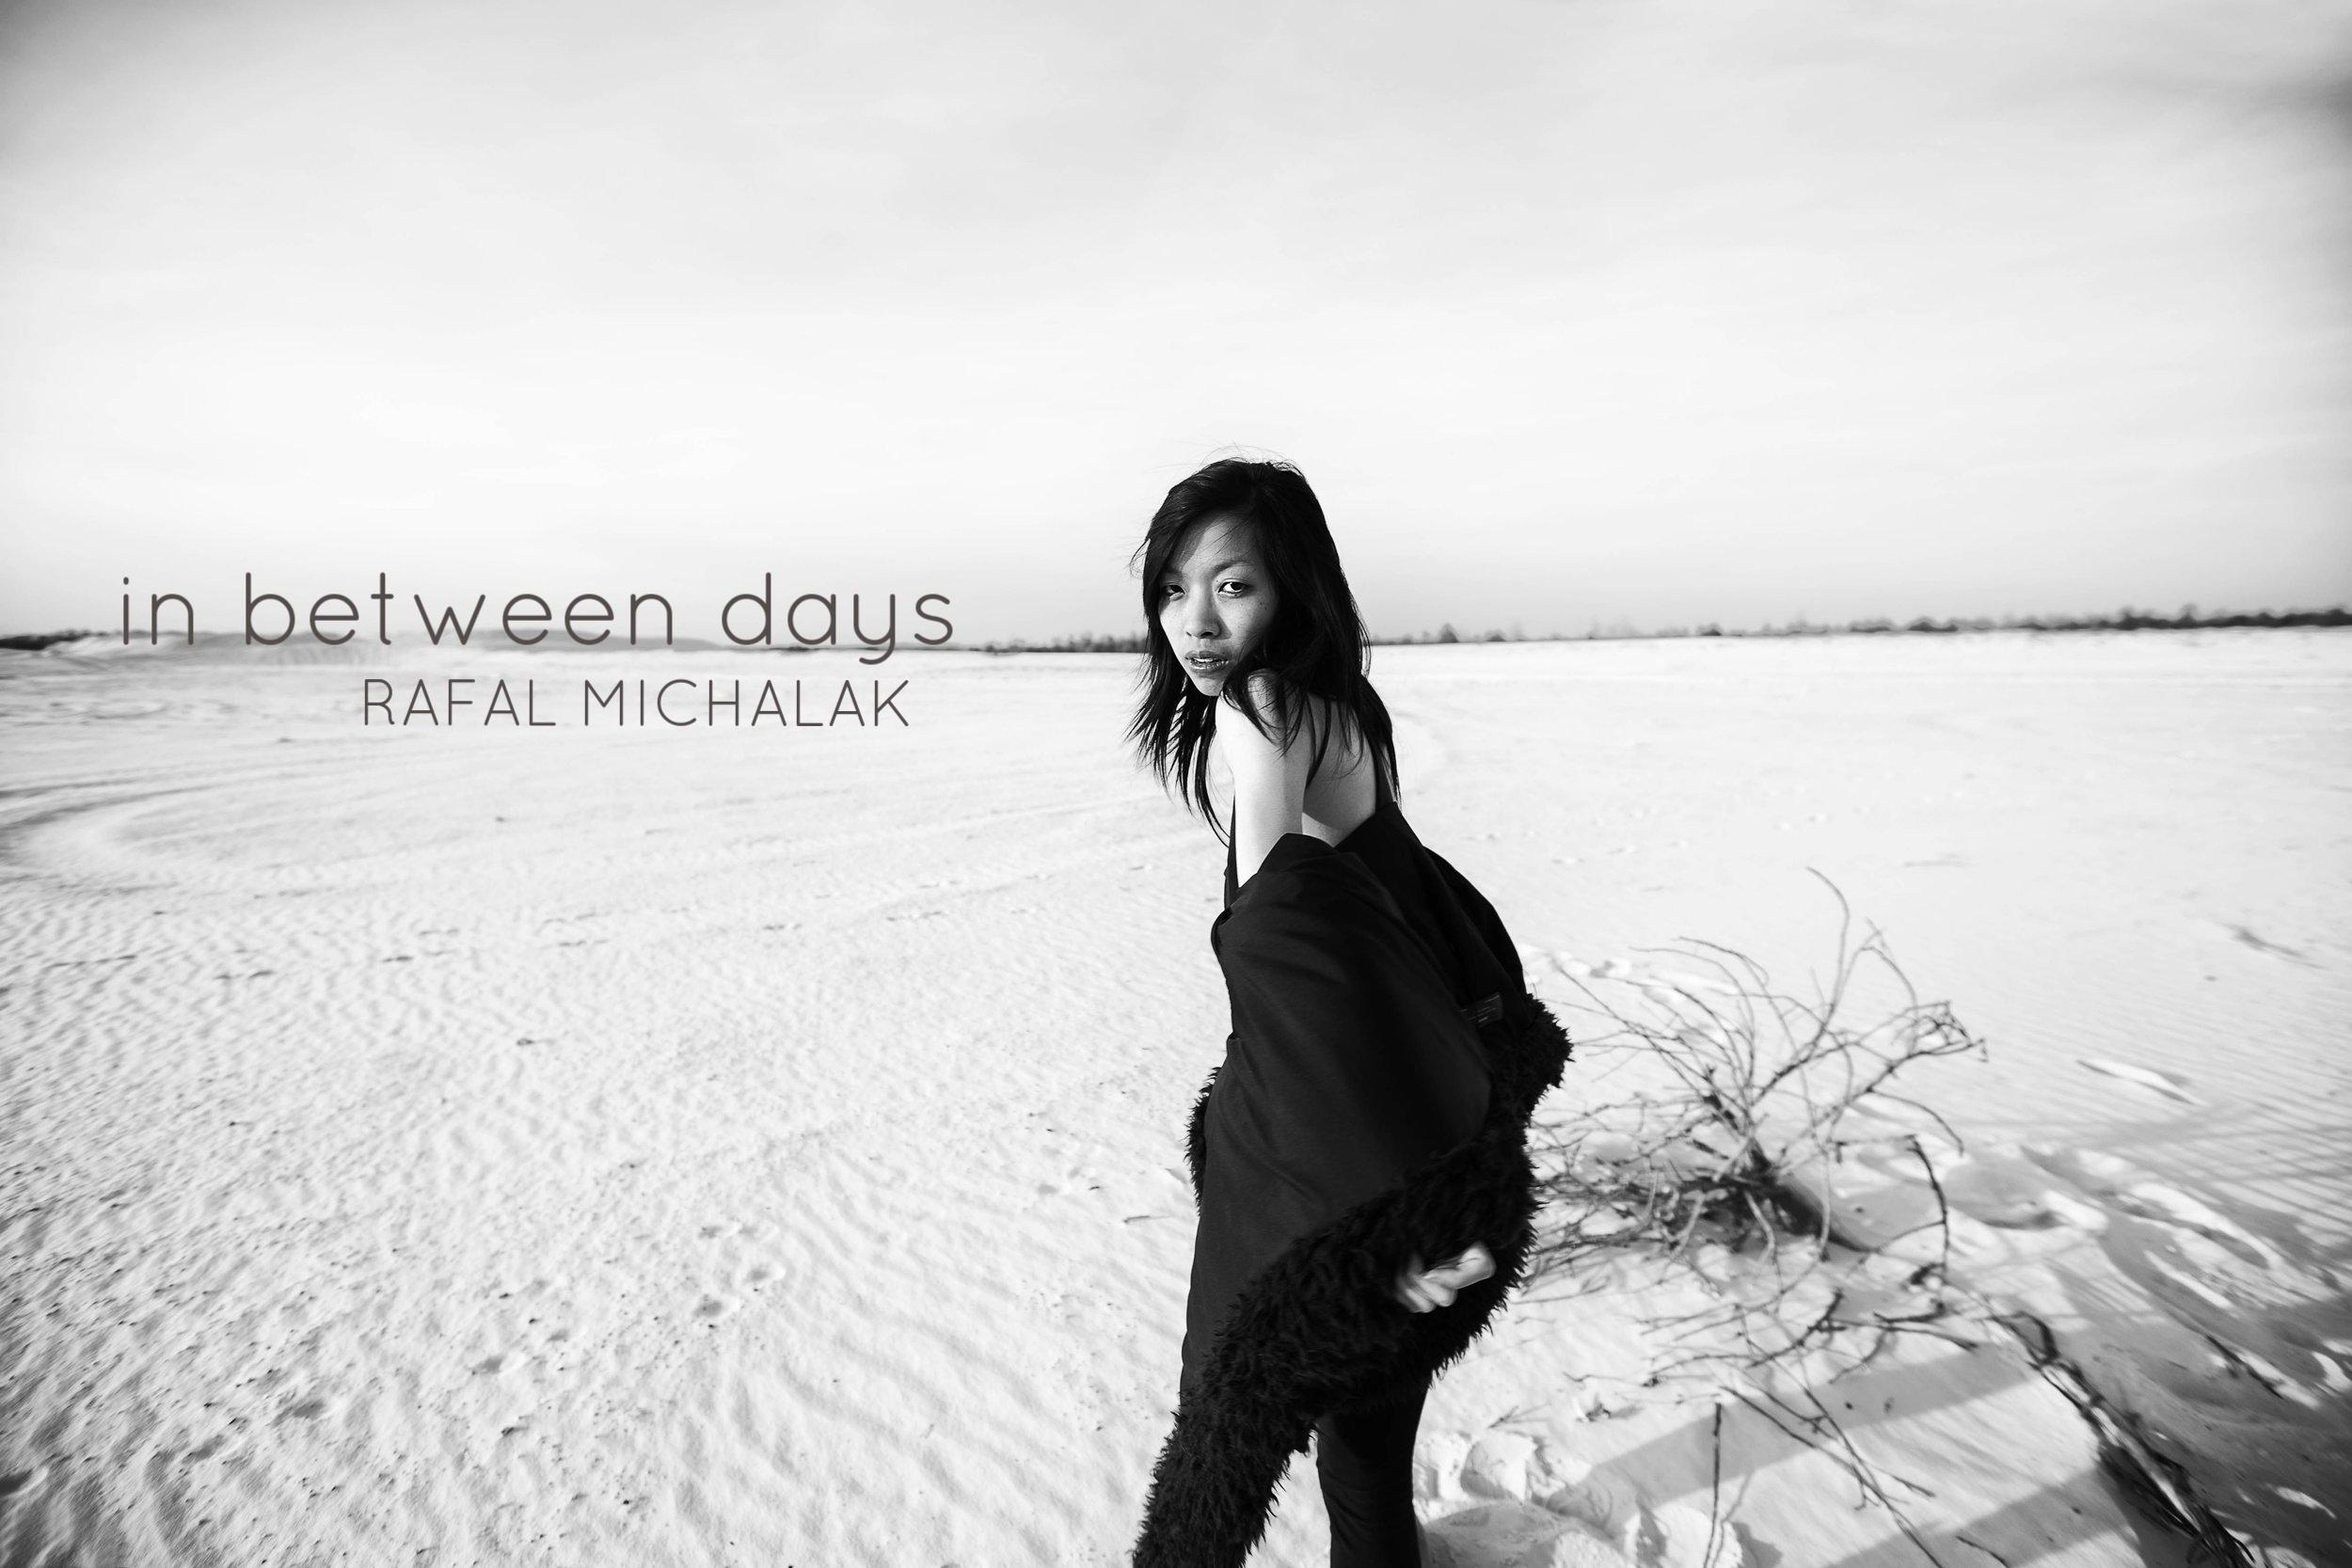 in-between-days_rafalmichalak_12.jpg